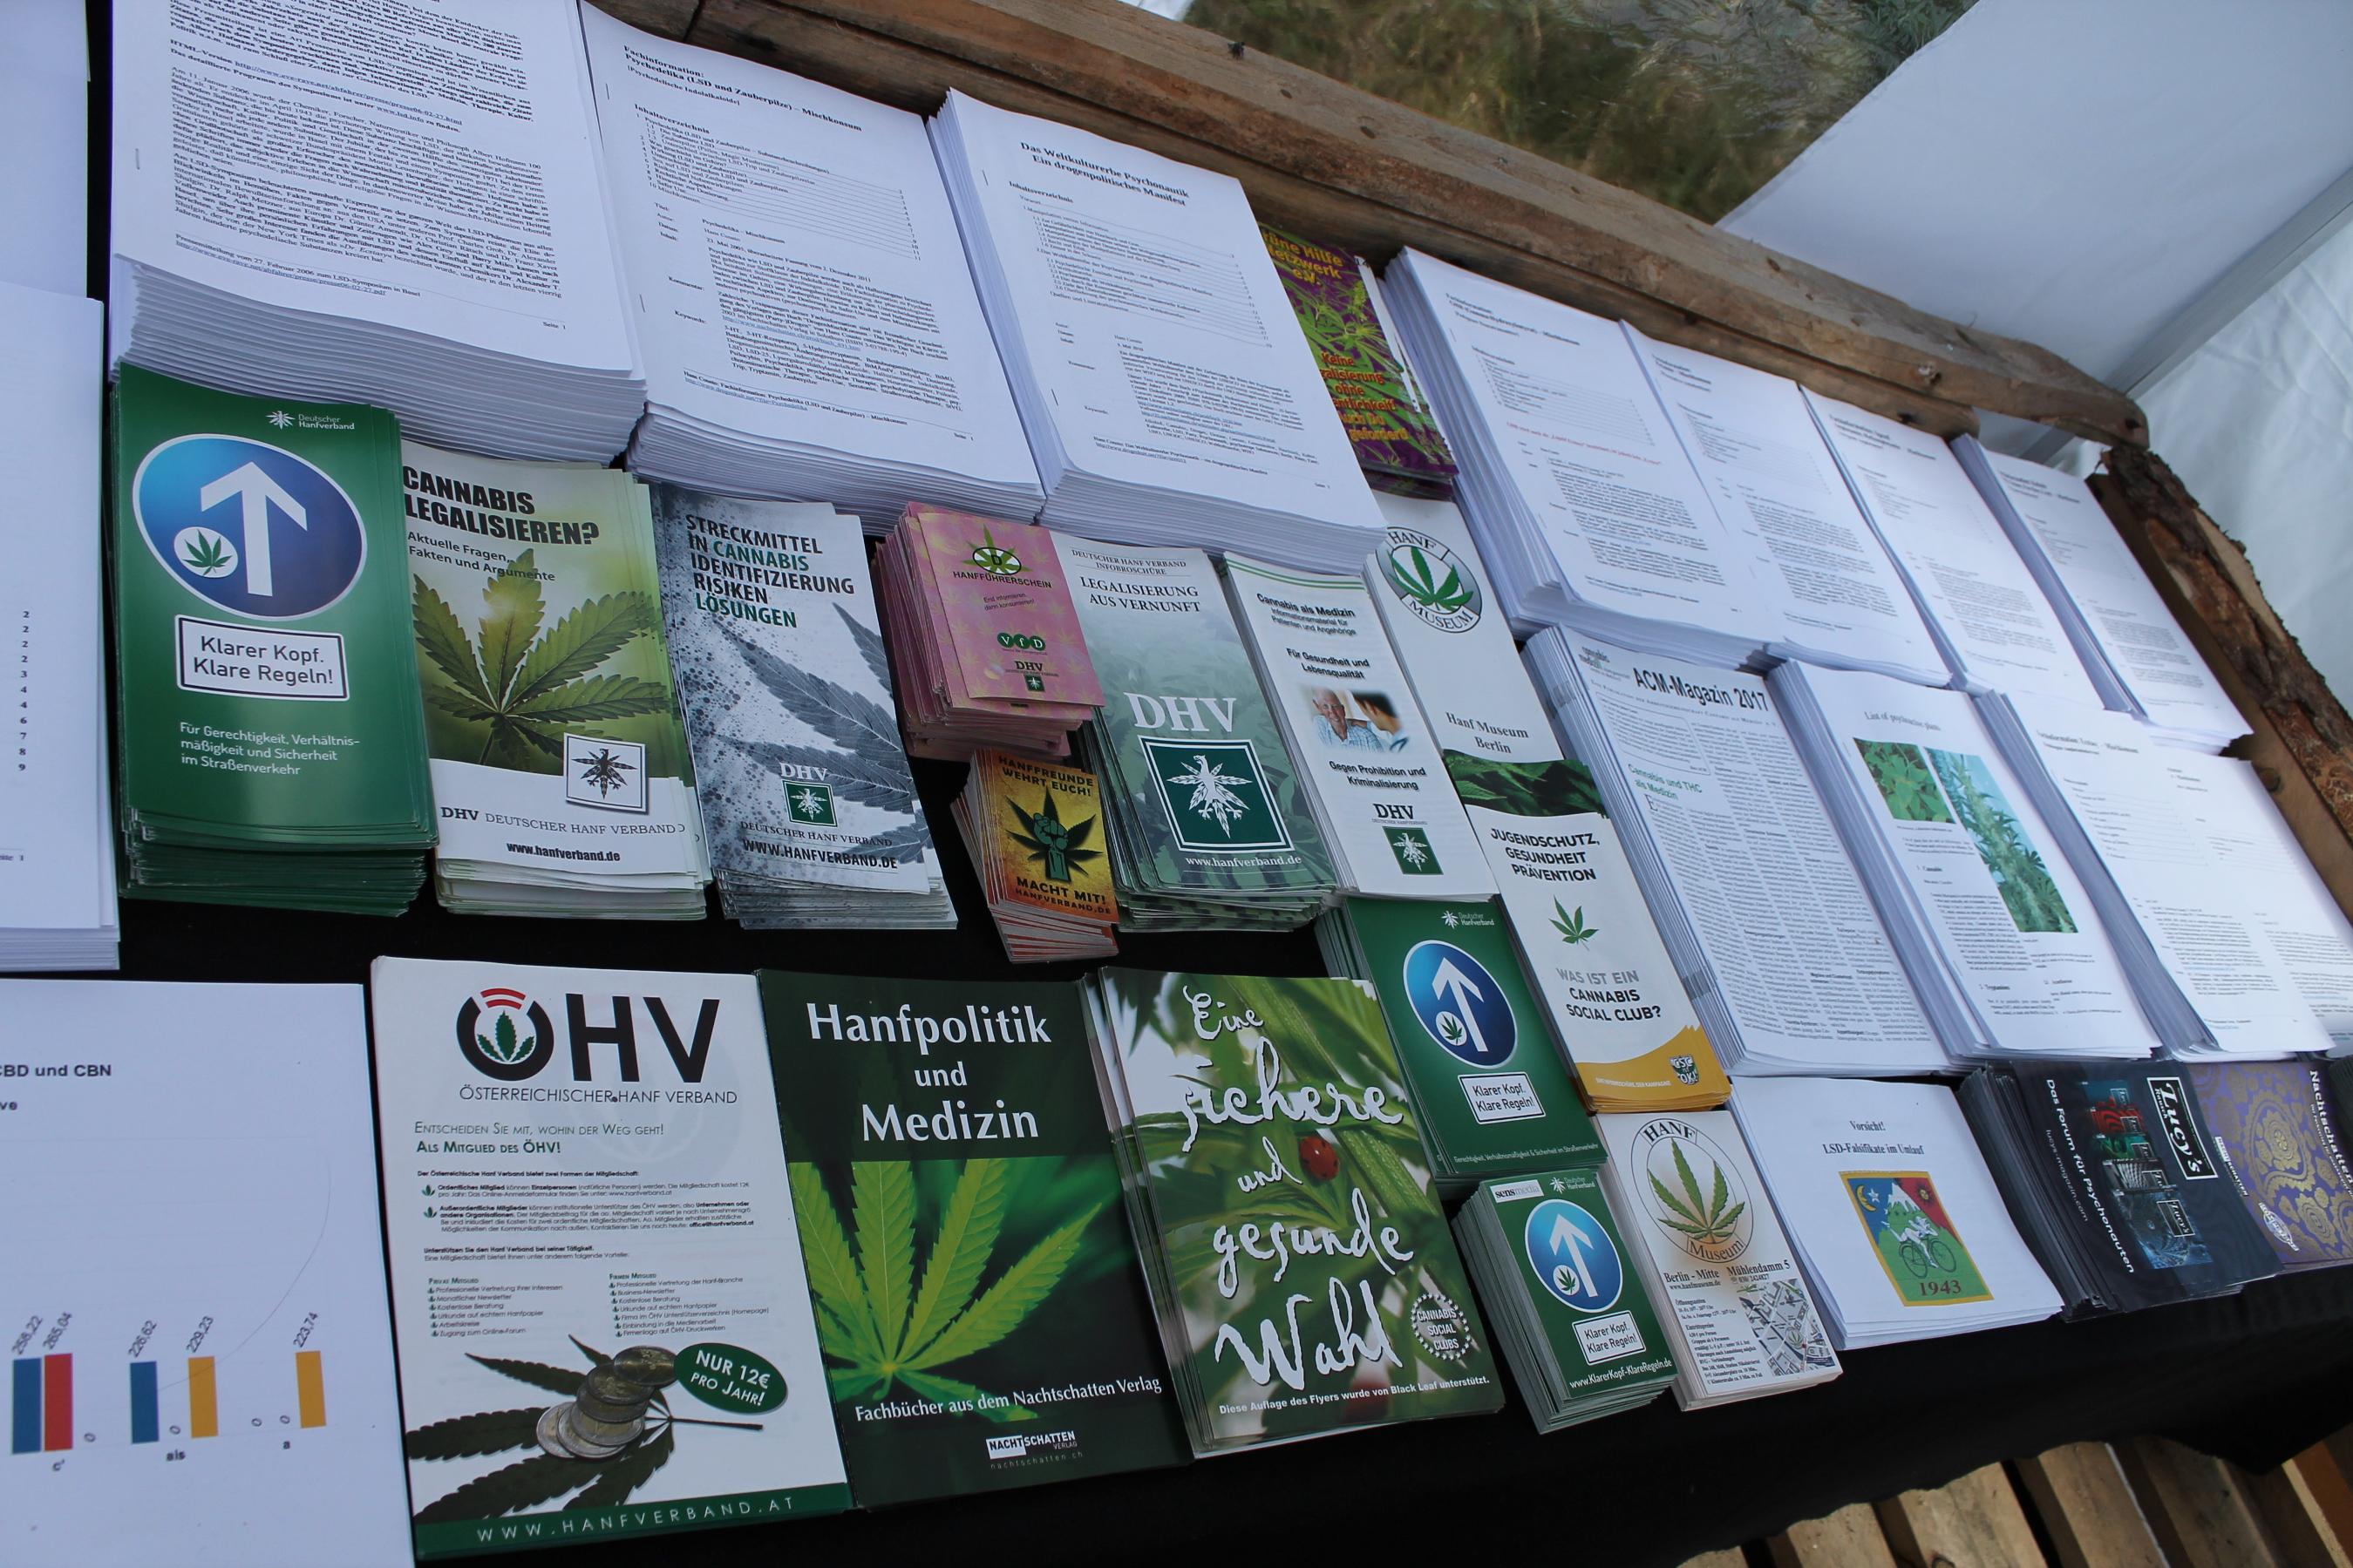 Abbildung 6 zeigt den Ausschnitt des Drogeninfostandes auf dem New Healing Festival 2017 mit den Infos des Deutschen Hanfverbandes, die sehr stark nachgefragt wurden. Foto: Tomek (CC BY-SA 3.0 DE)